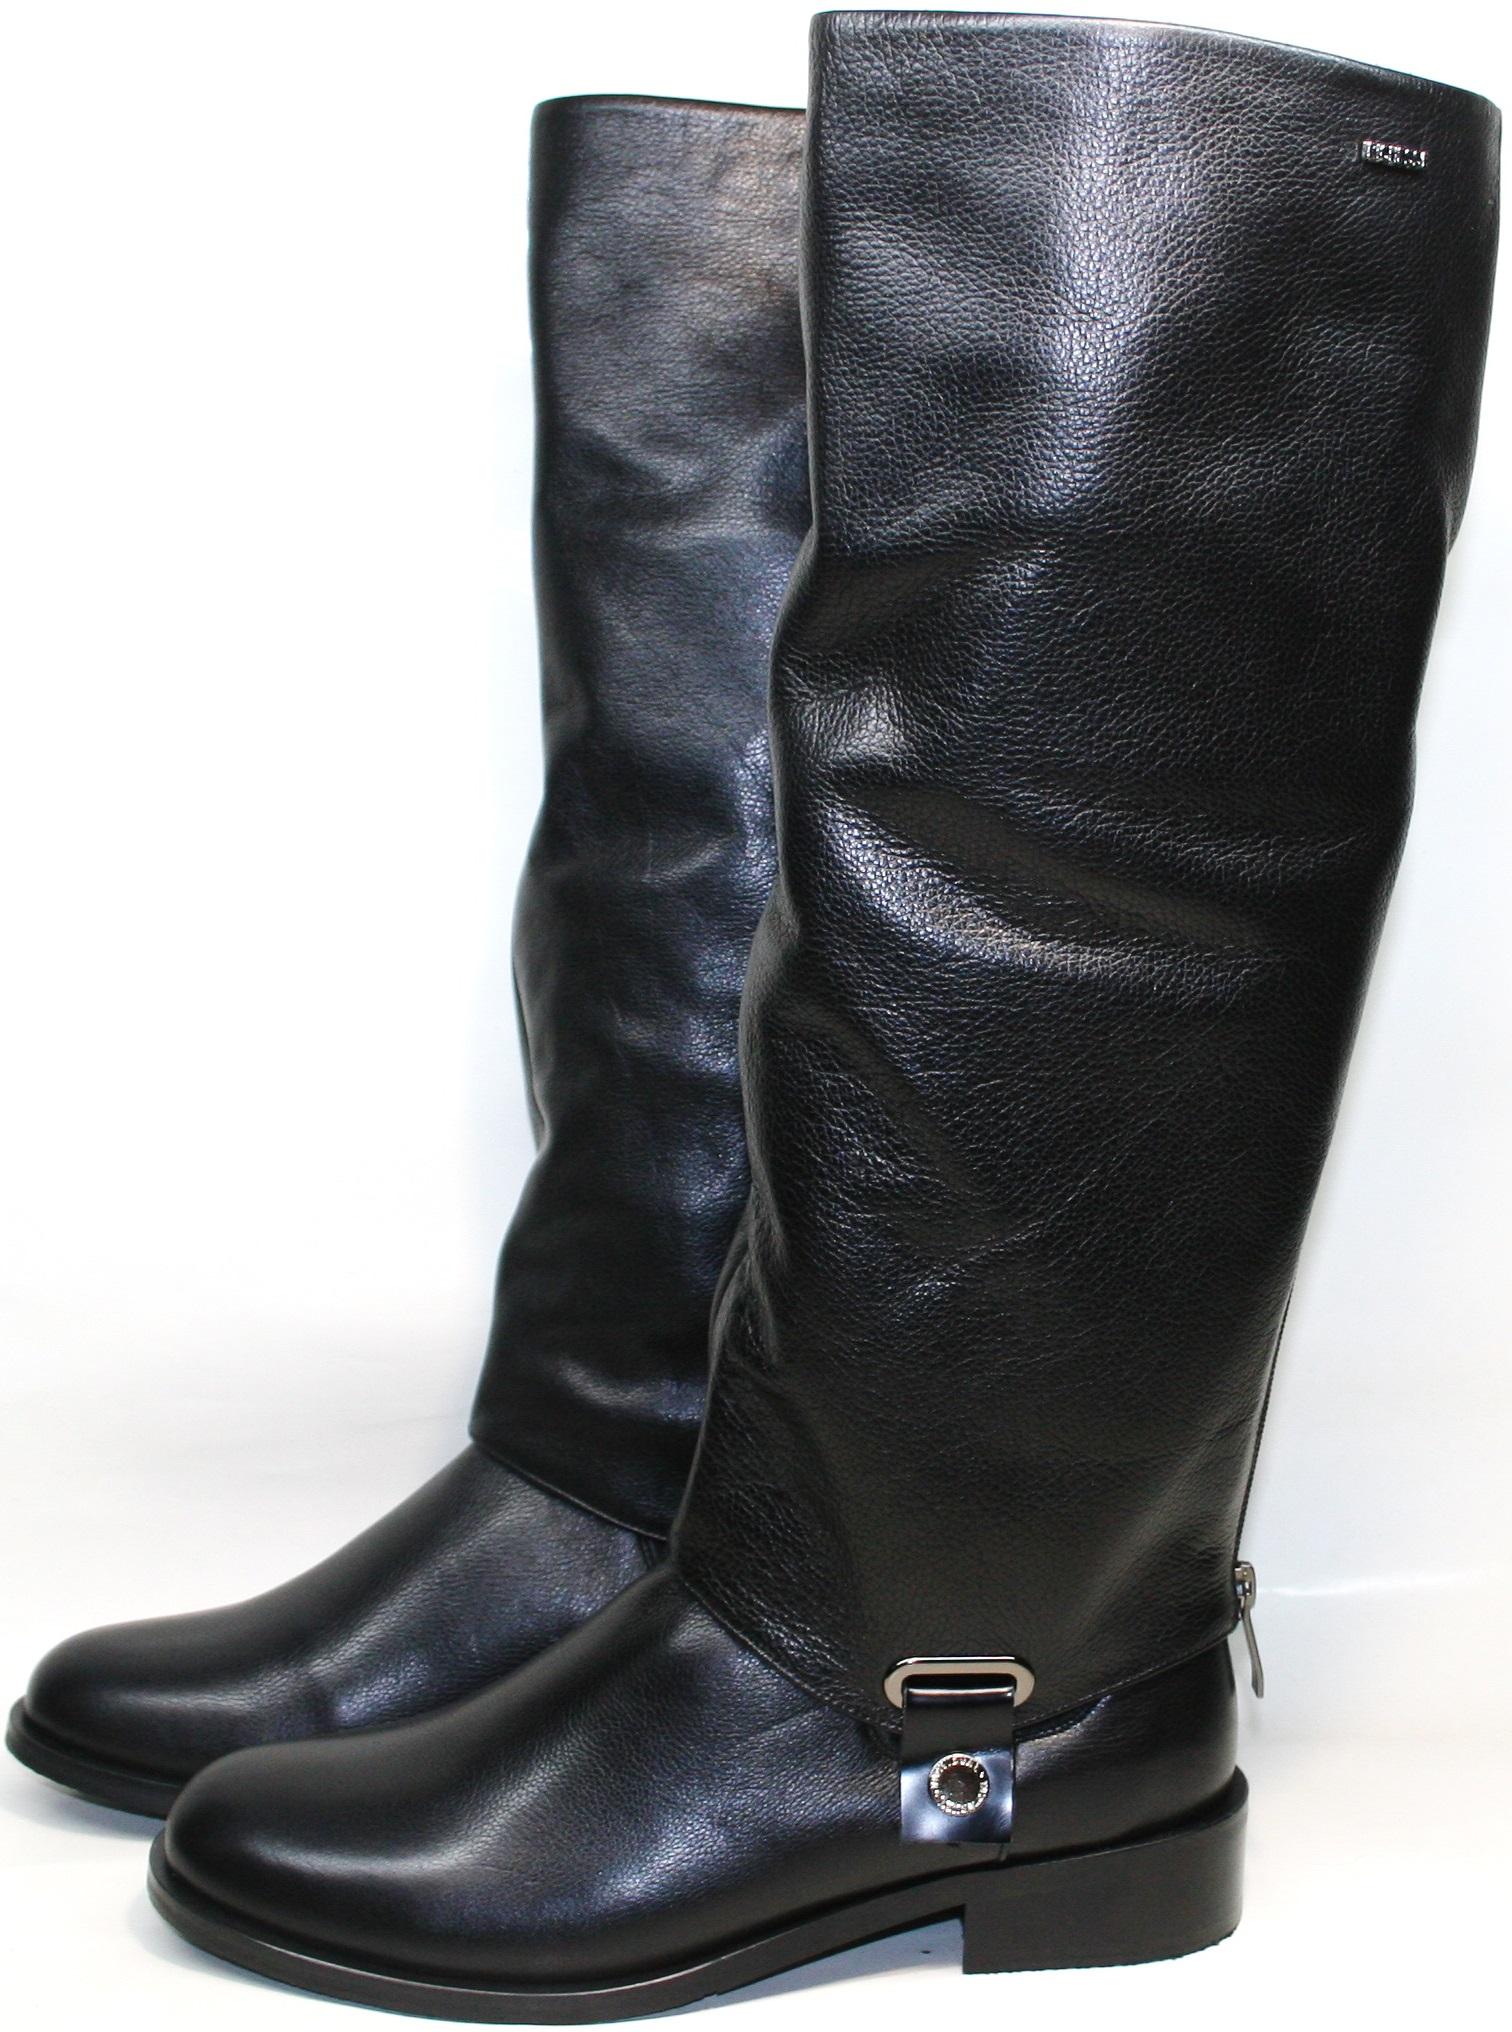 Черные зимние ботинки сапоги Richesse R-458